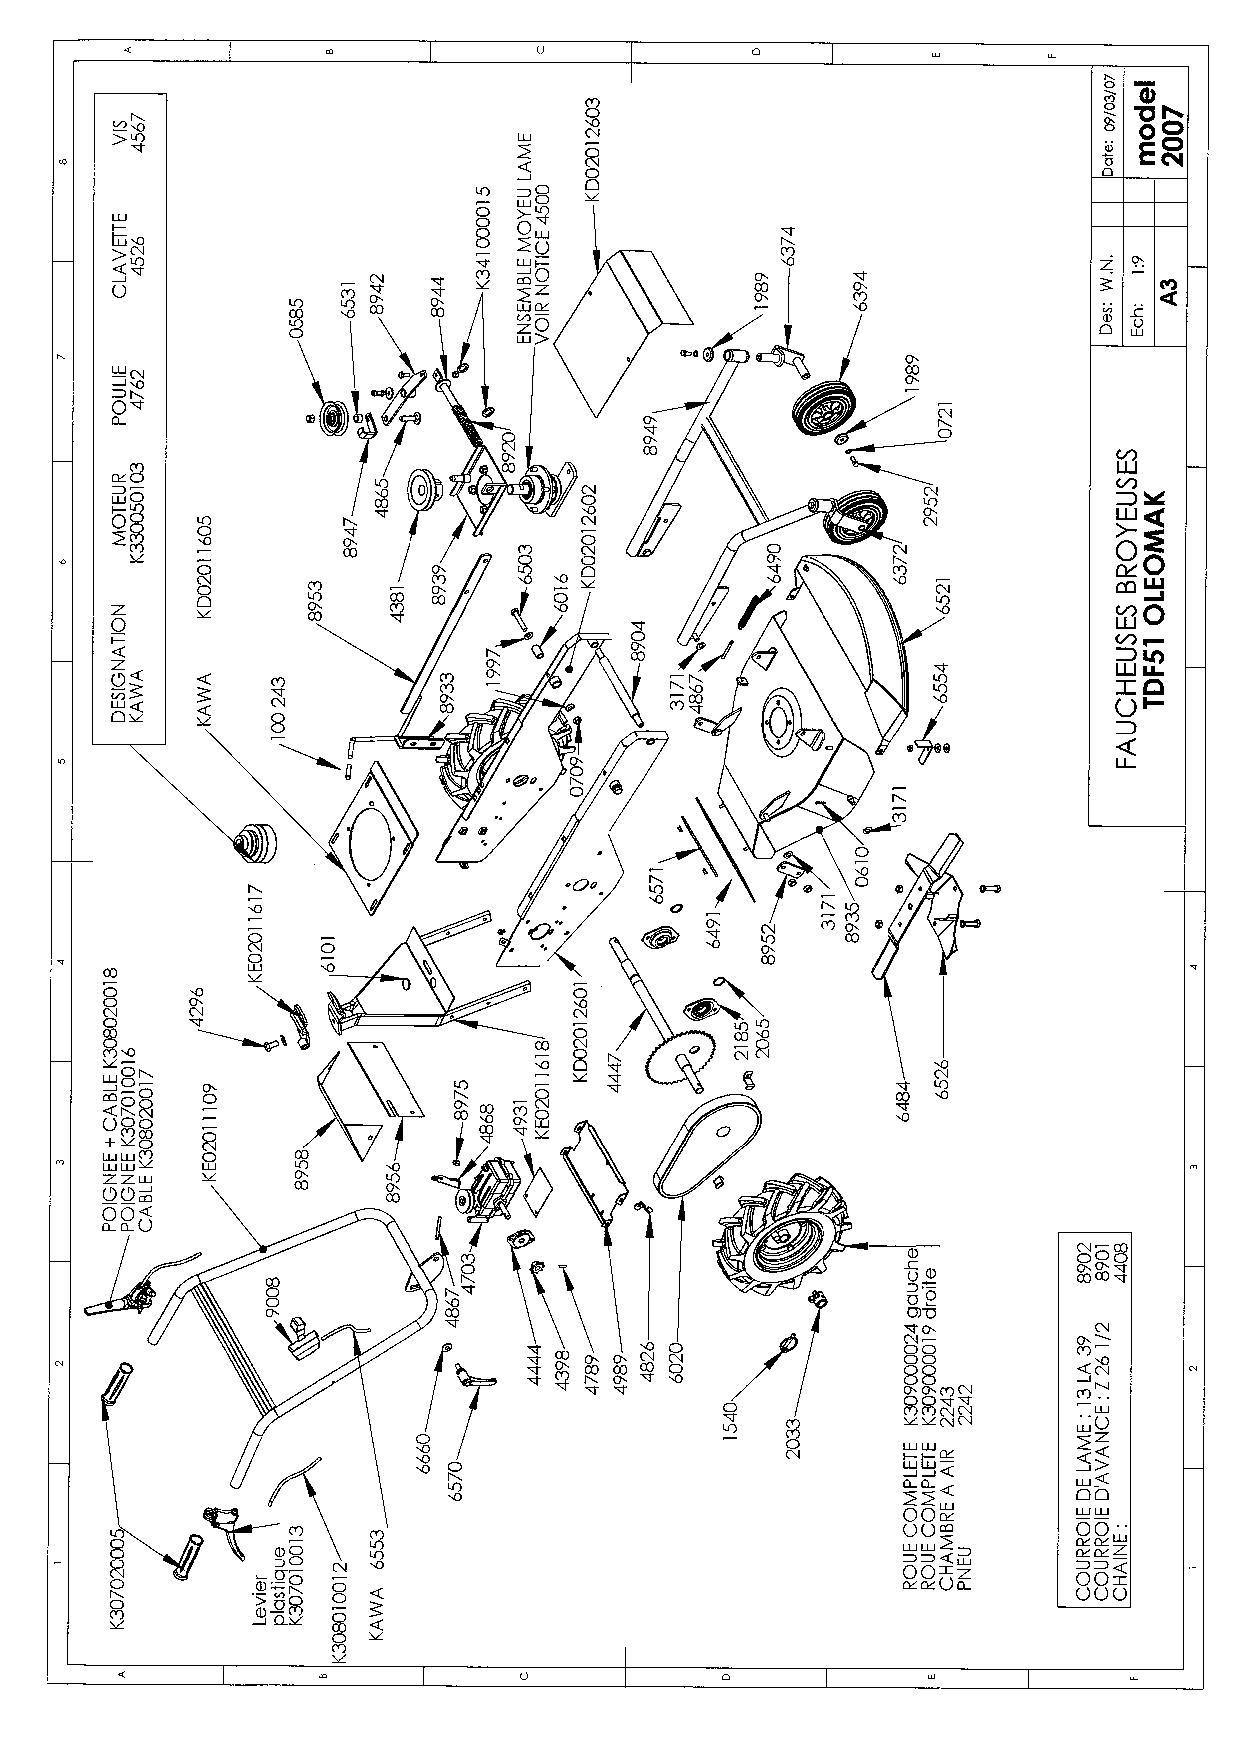 TDF 51 Débroussailleuse à roues oleomac Dessins pièces -  Vue éclatée